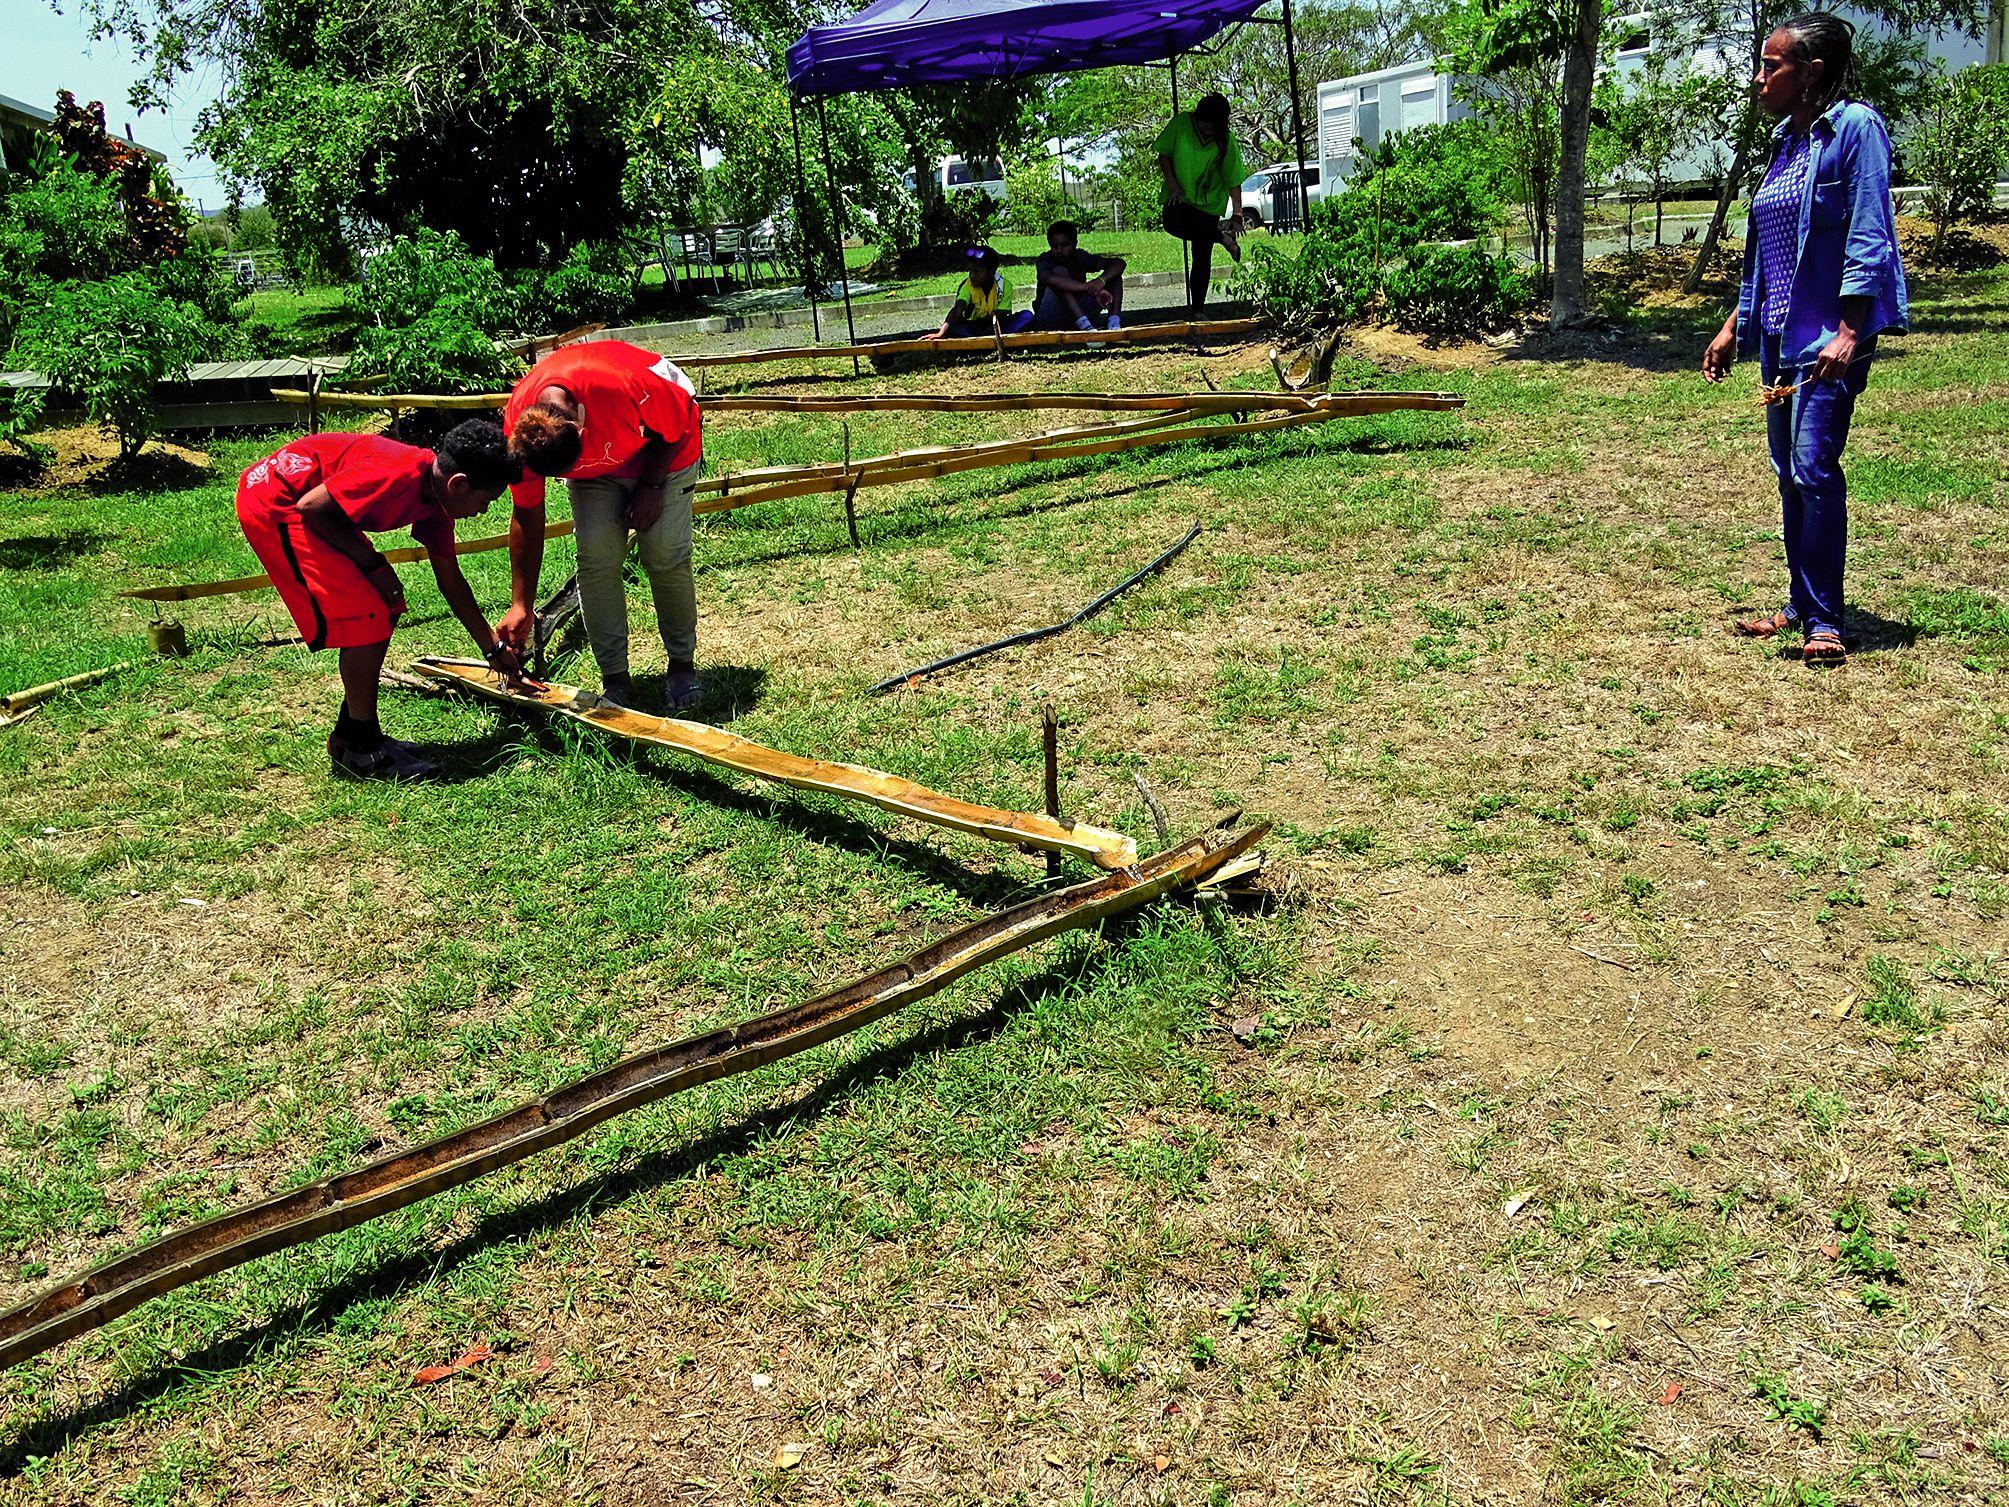 Durant l'atelier contes et légendes, les élèves ont fait connaissance avec la légende de Ba et de Co. Des bambous dans lesquels coule de l'eau ont permis de mettre en lumière cette histoire.